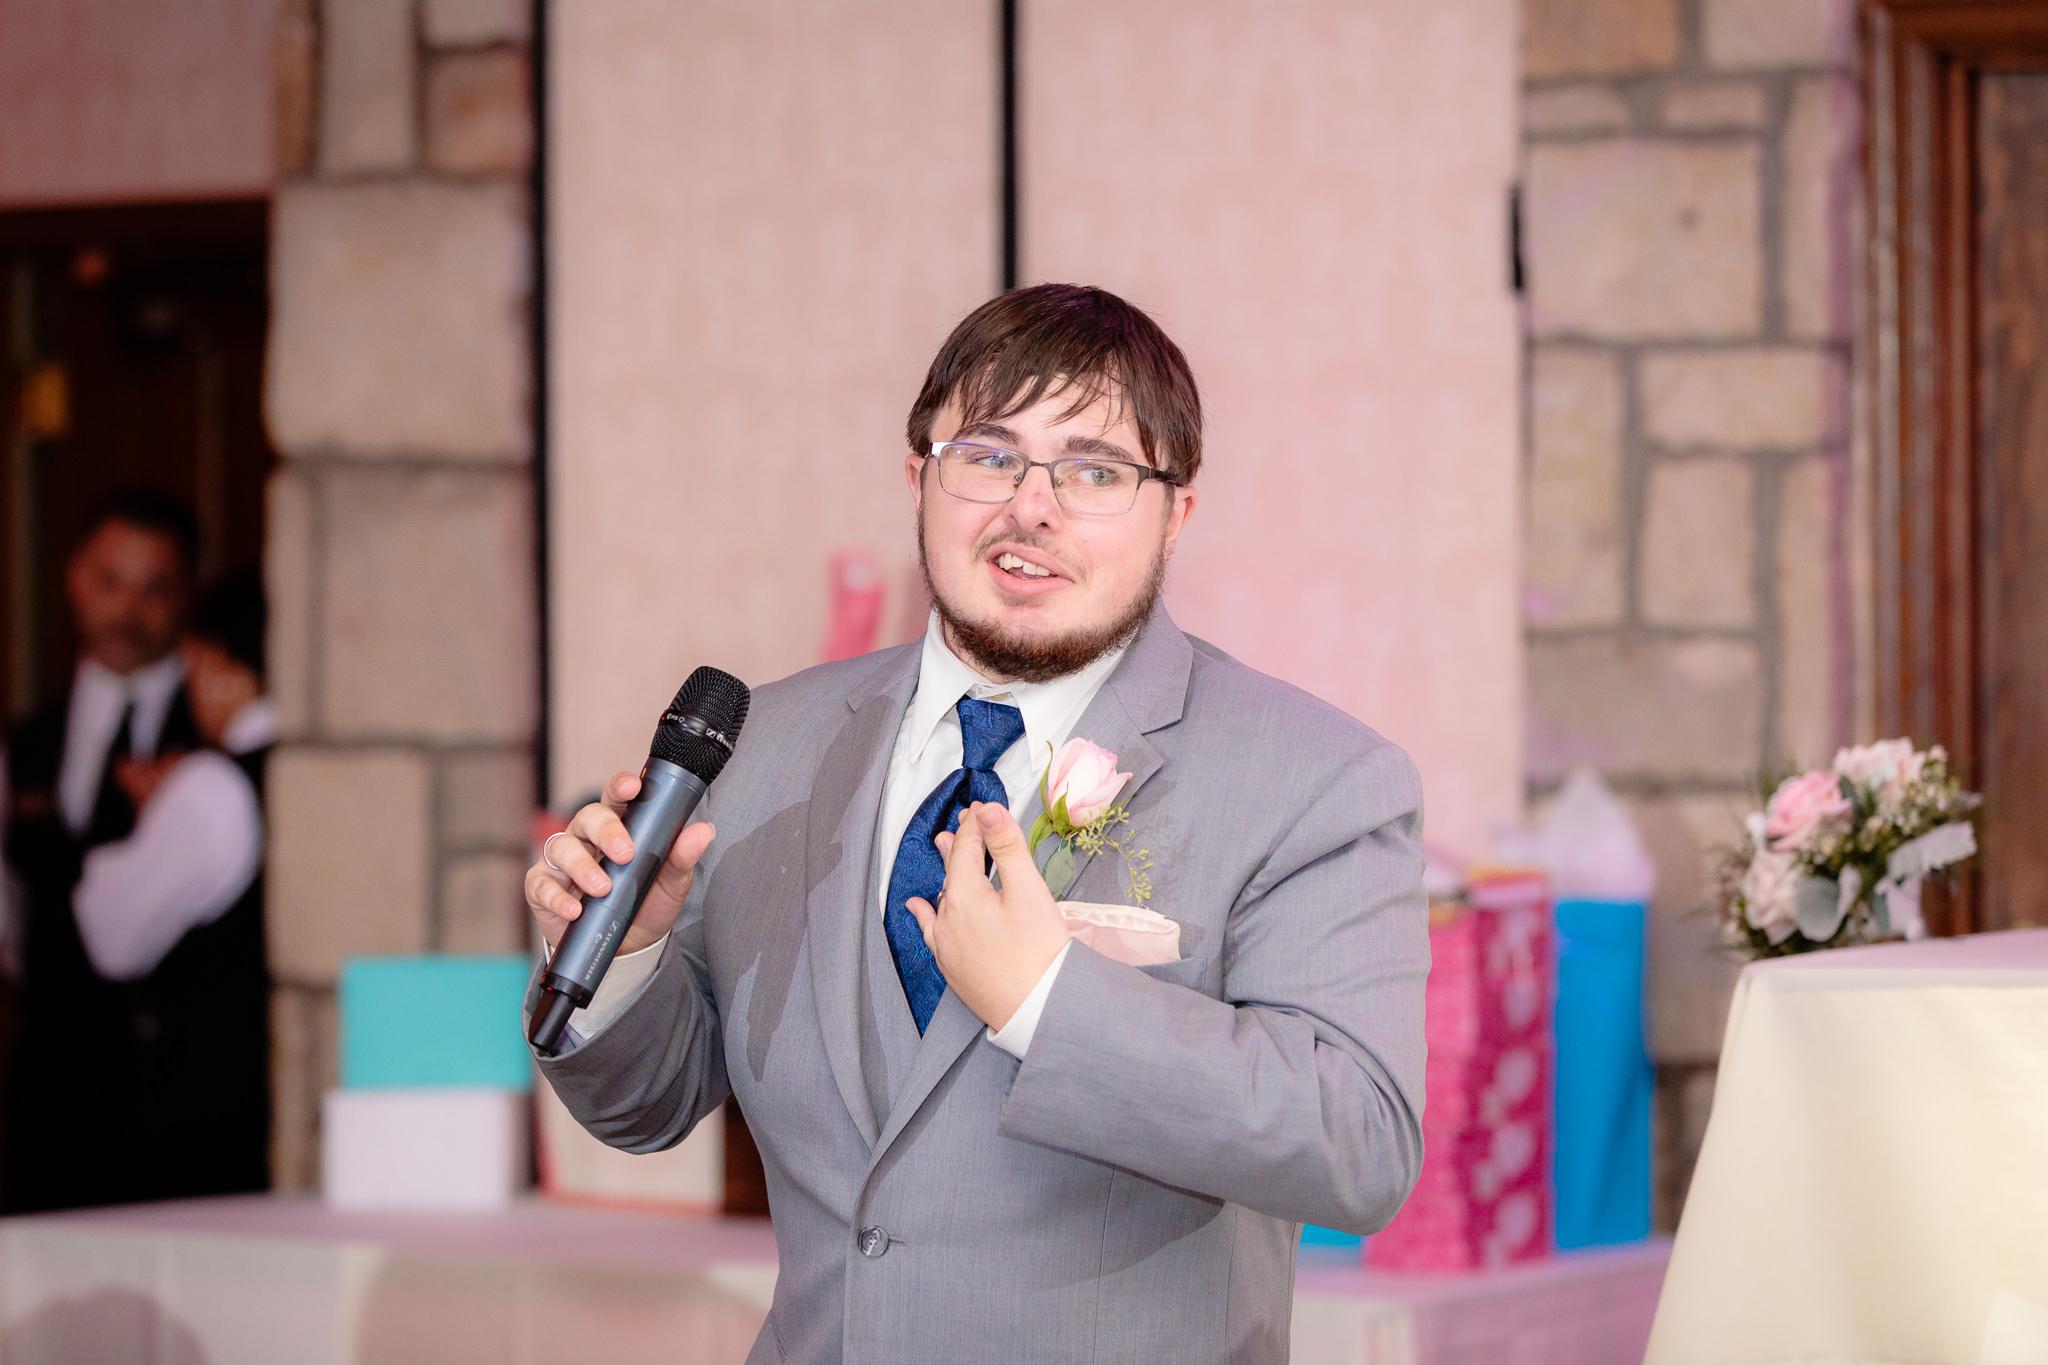 Oglebay Wedding | Courtney & Eric - Kristen Vota Photography